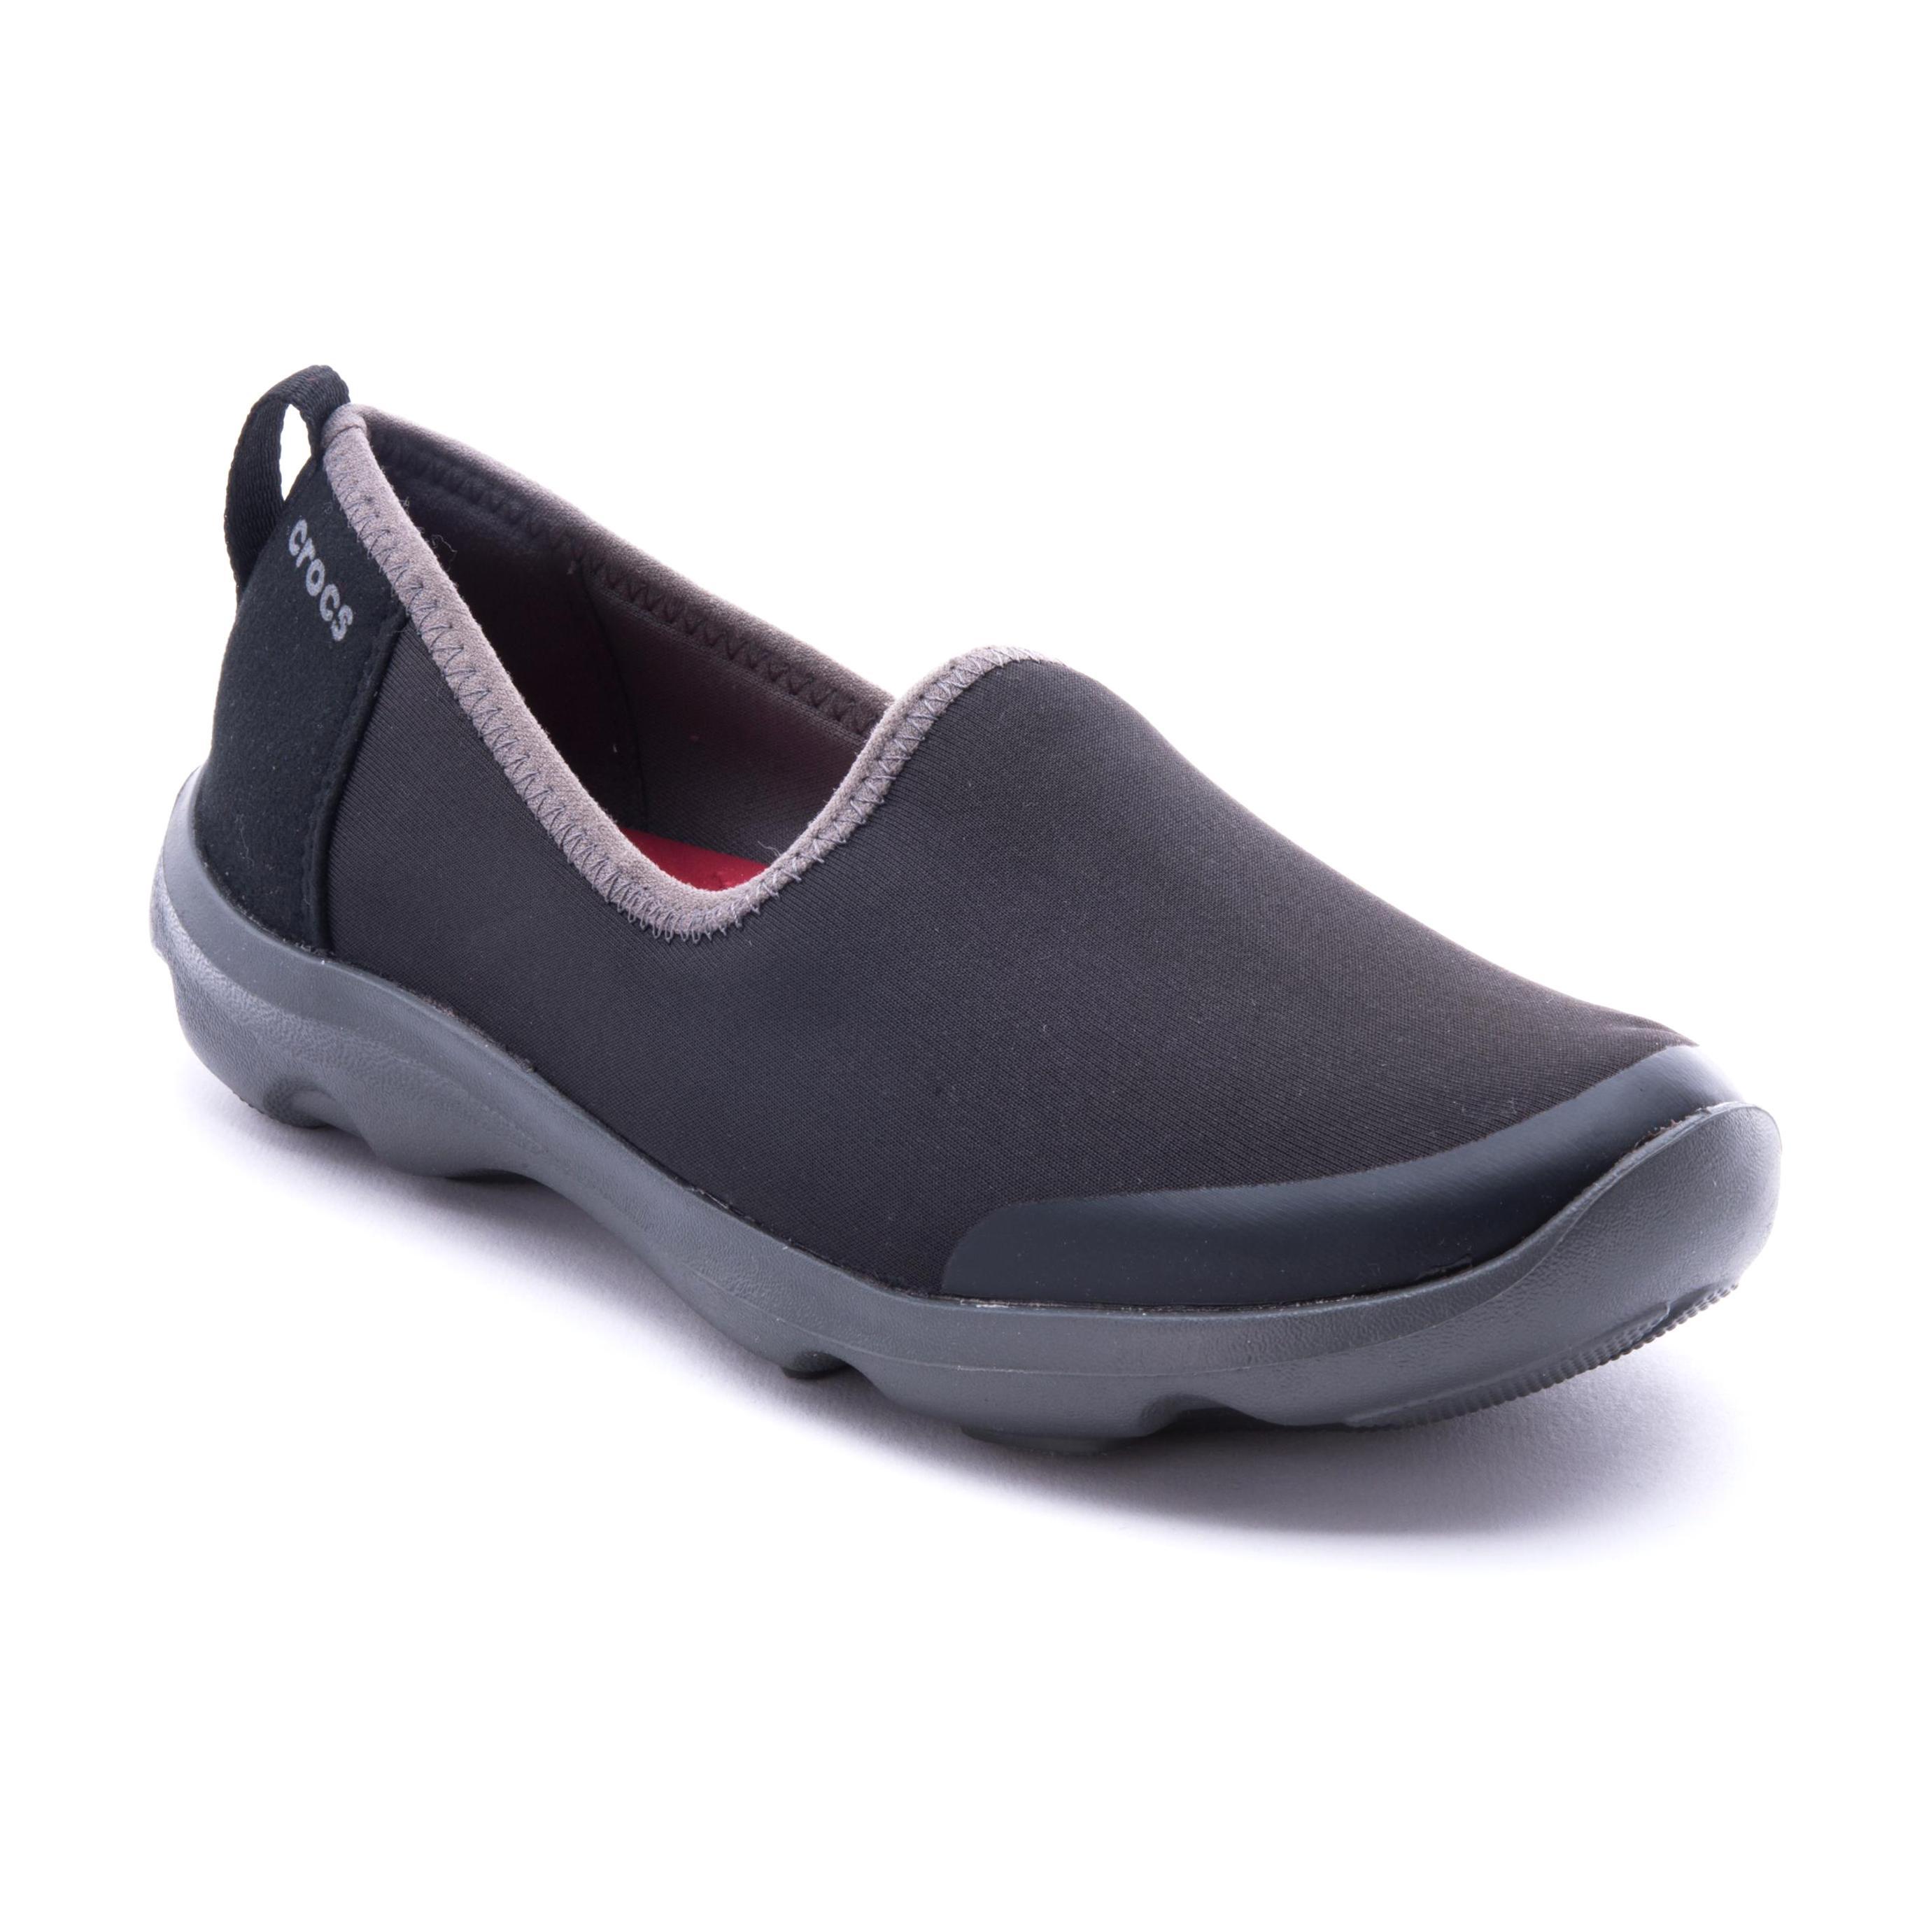 Busy Day Stretch Skimmer - נעל נשים שטוחה בצבע שחוראפור